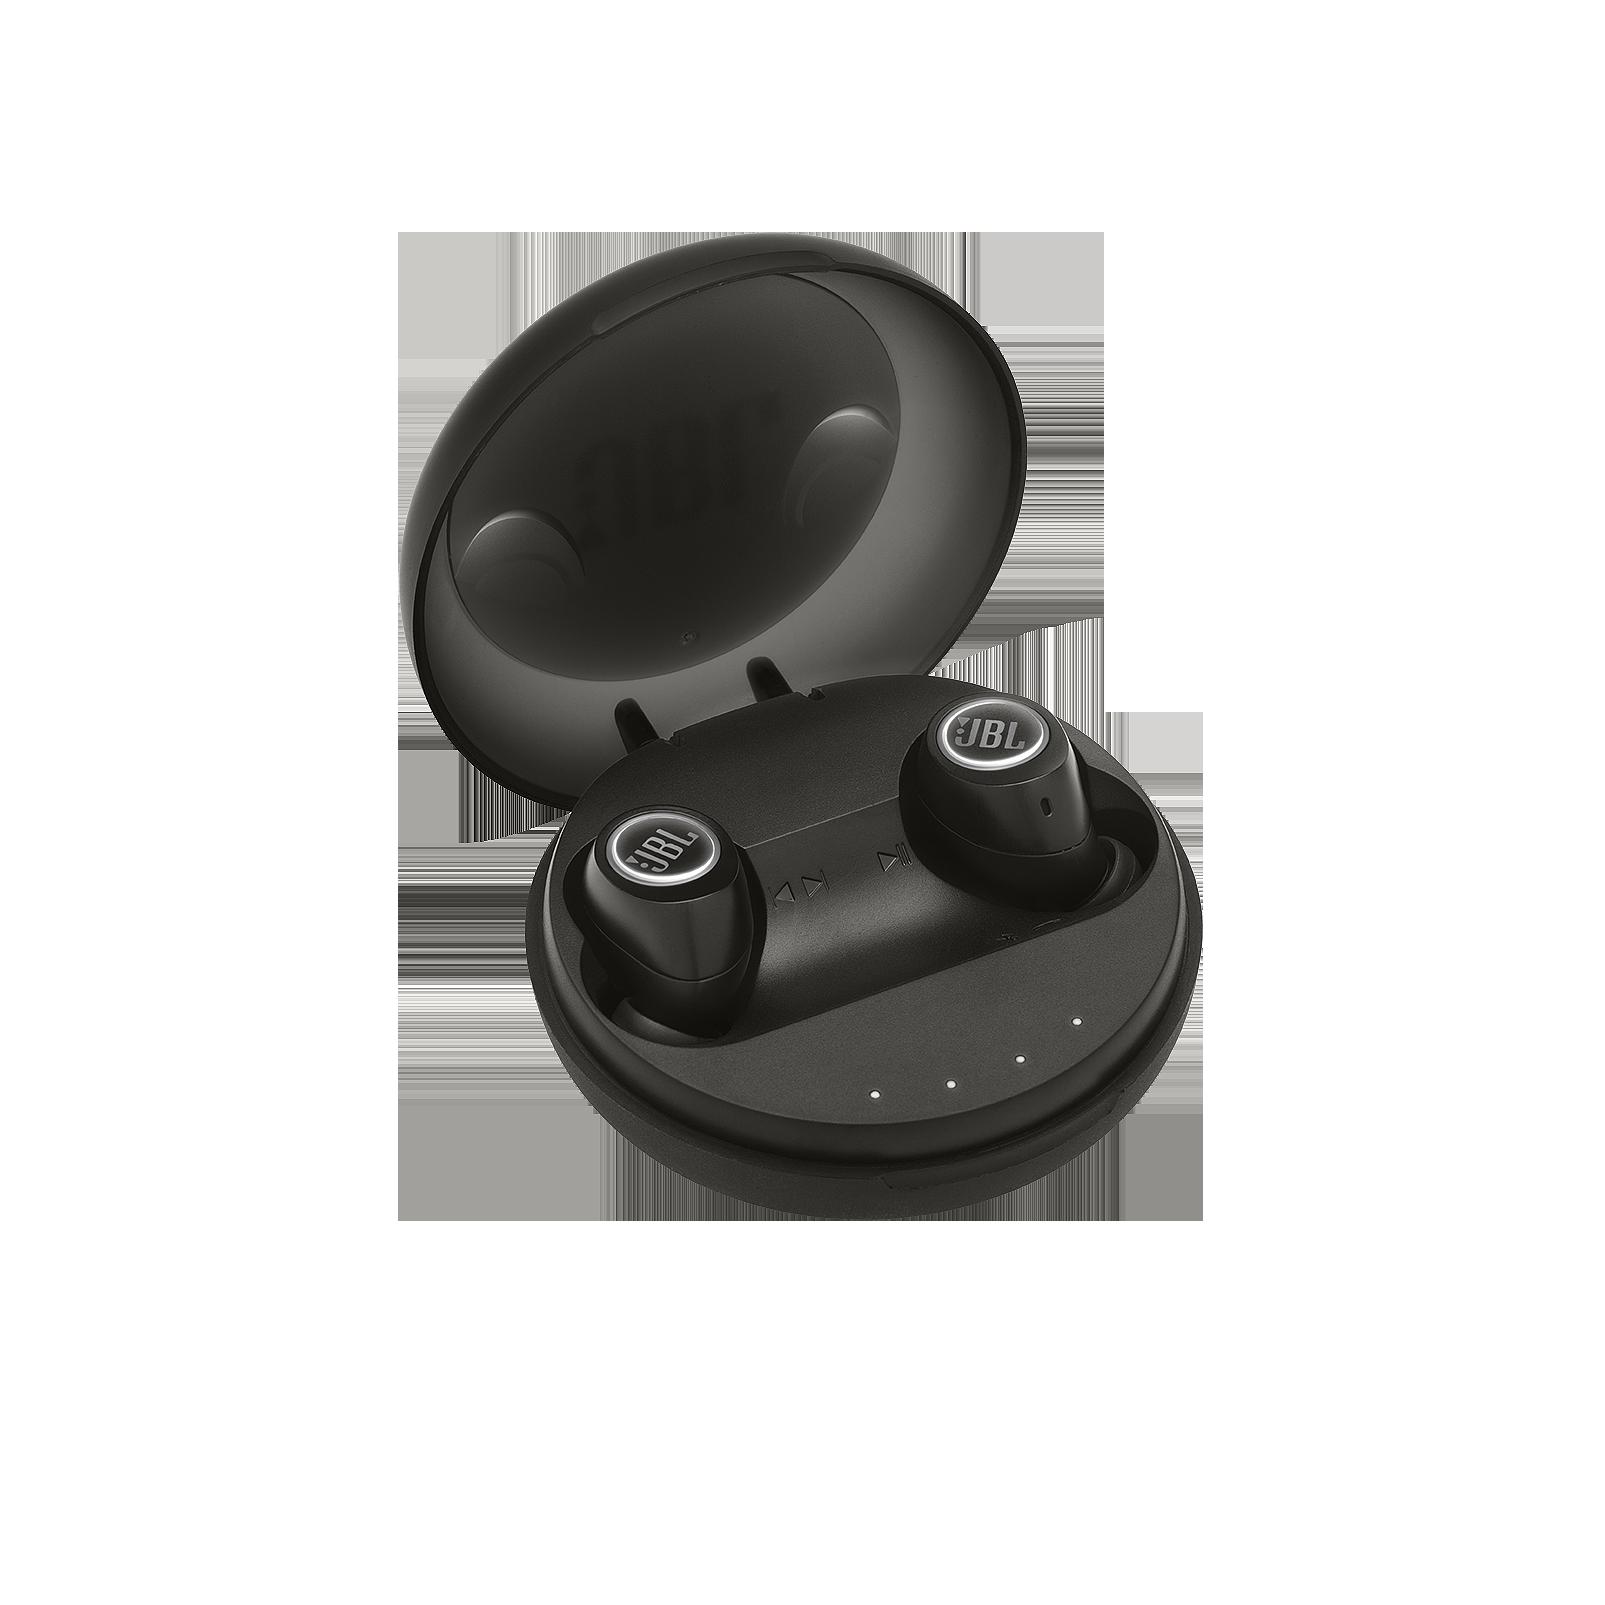 JBL Free - Black - Truly wireless in-ear headphones - Hero